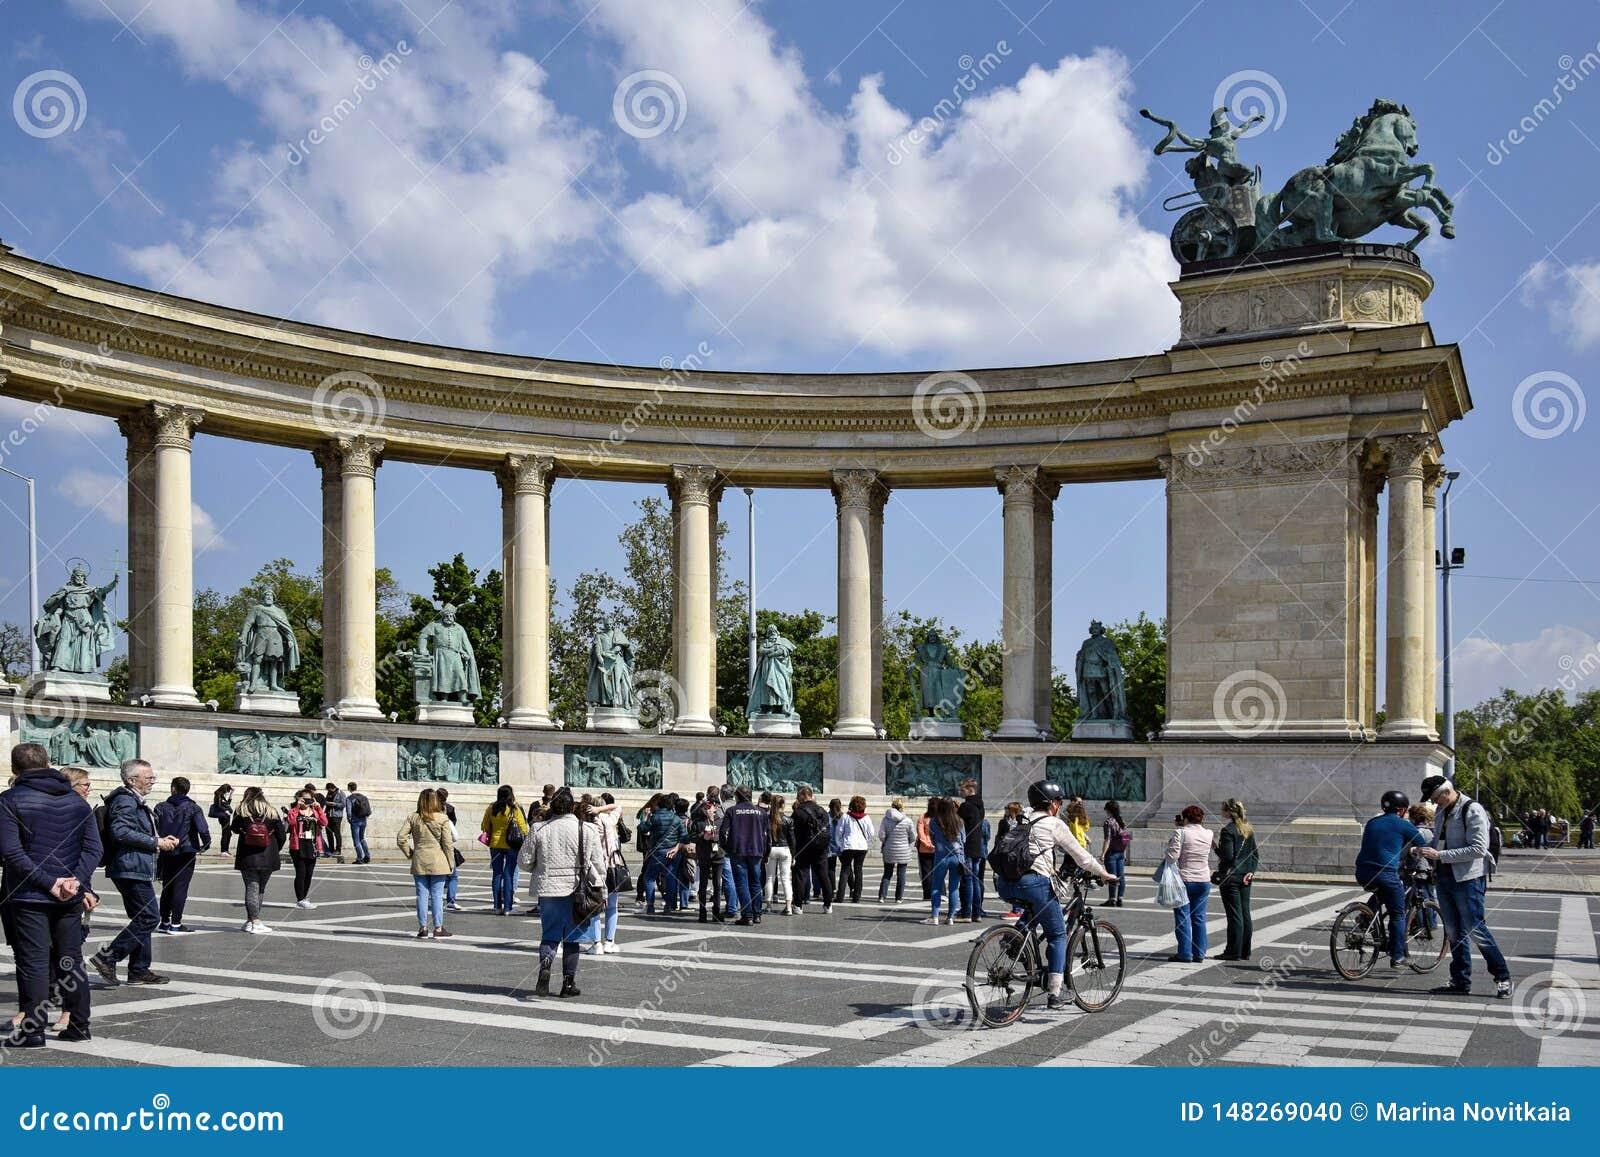 游人参观在著名英雄的千年纪念碑摆正,位于虫